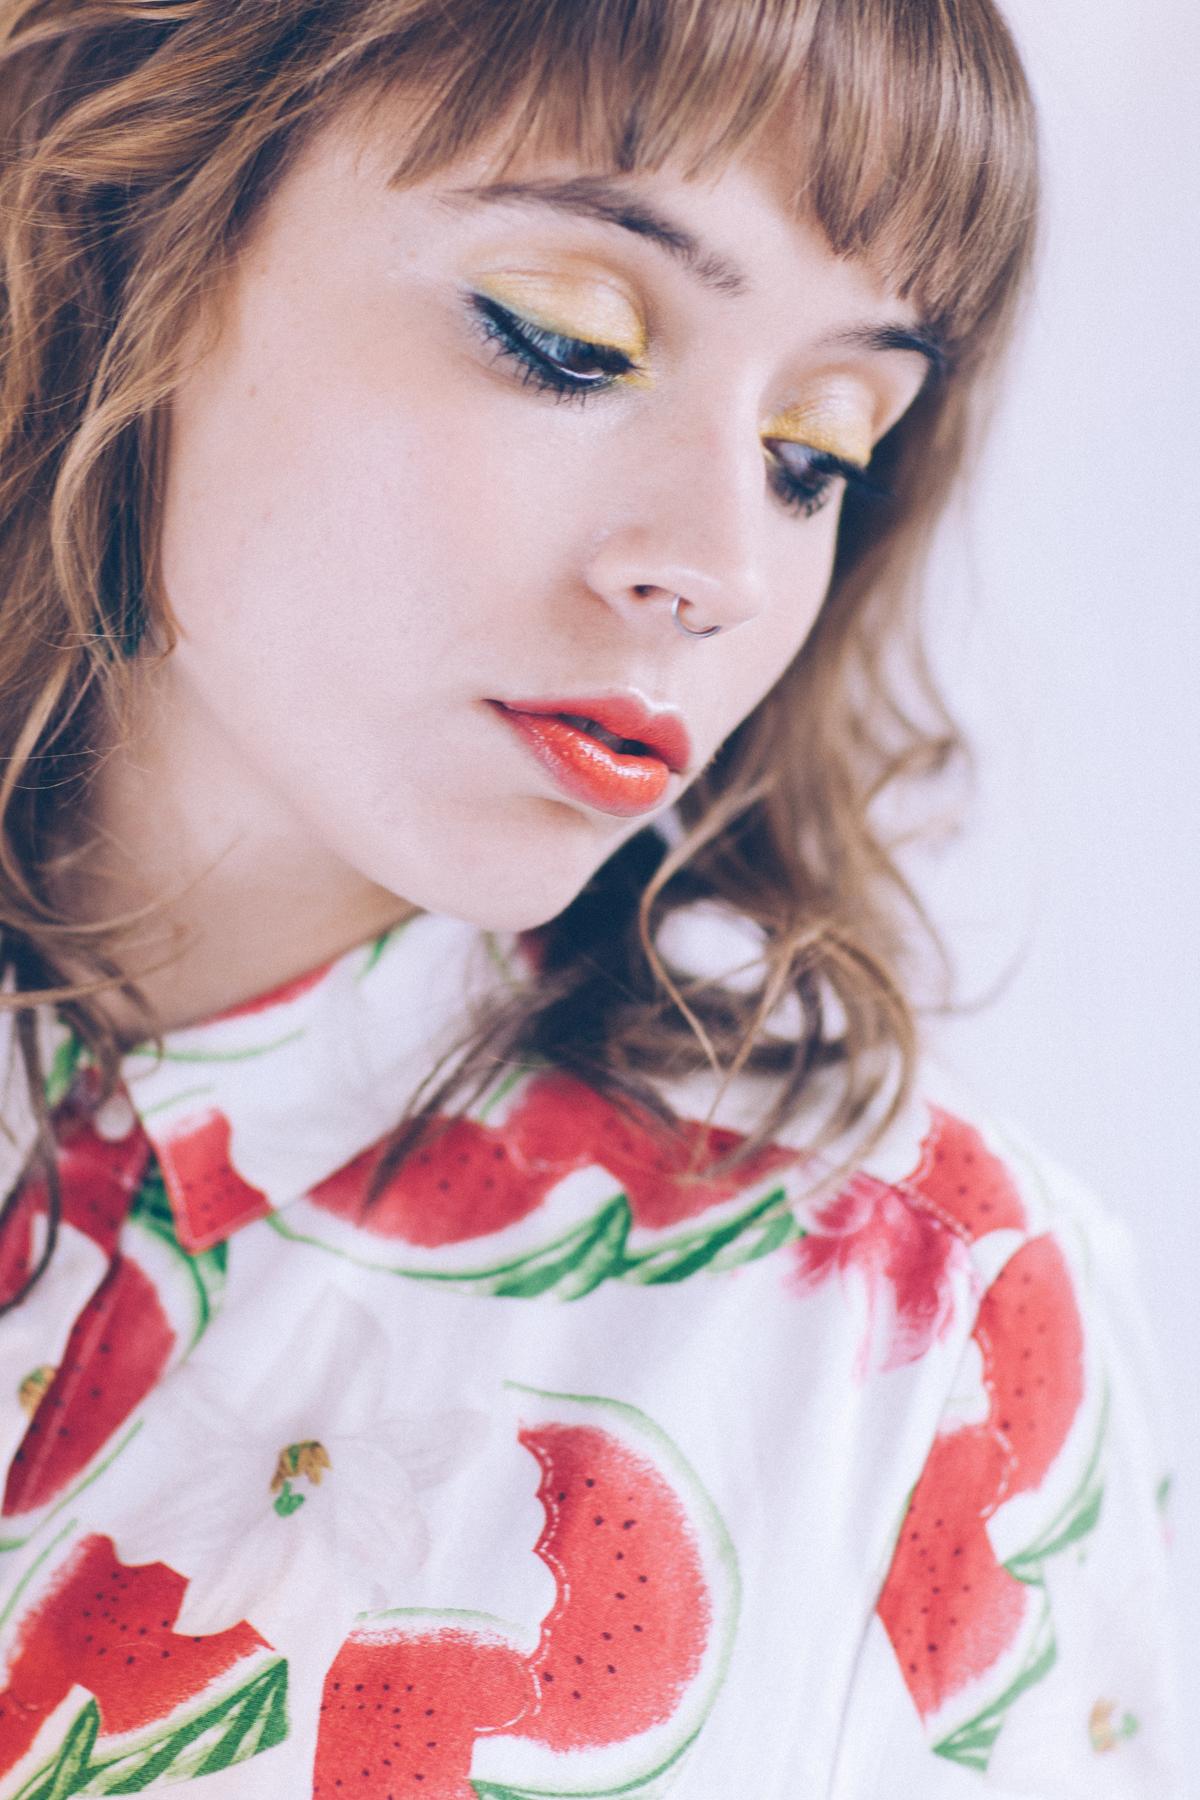 Maquillage paupière oeil jaune et bouche rouge glossée